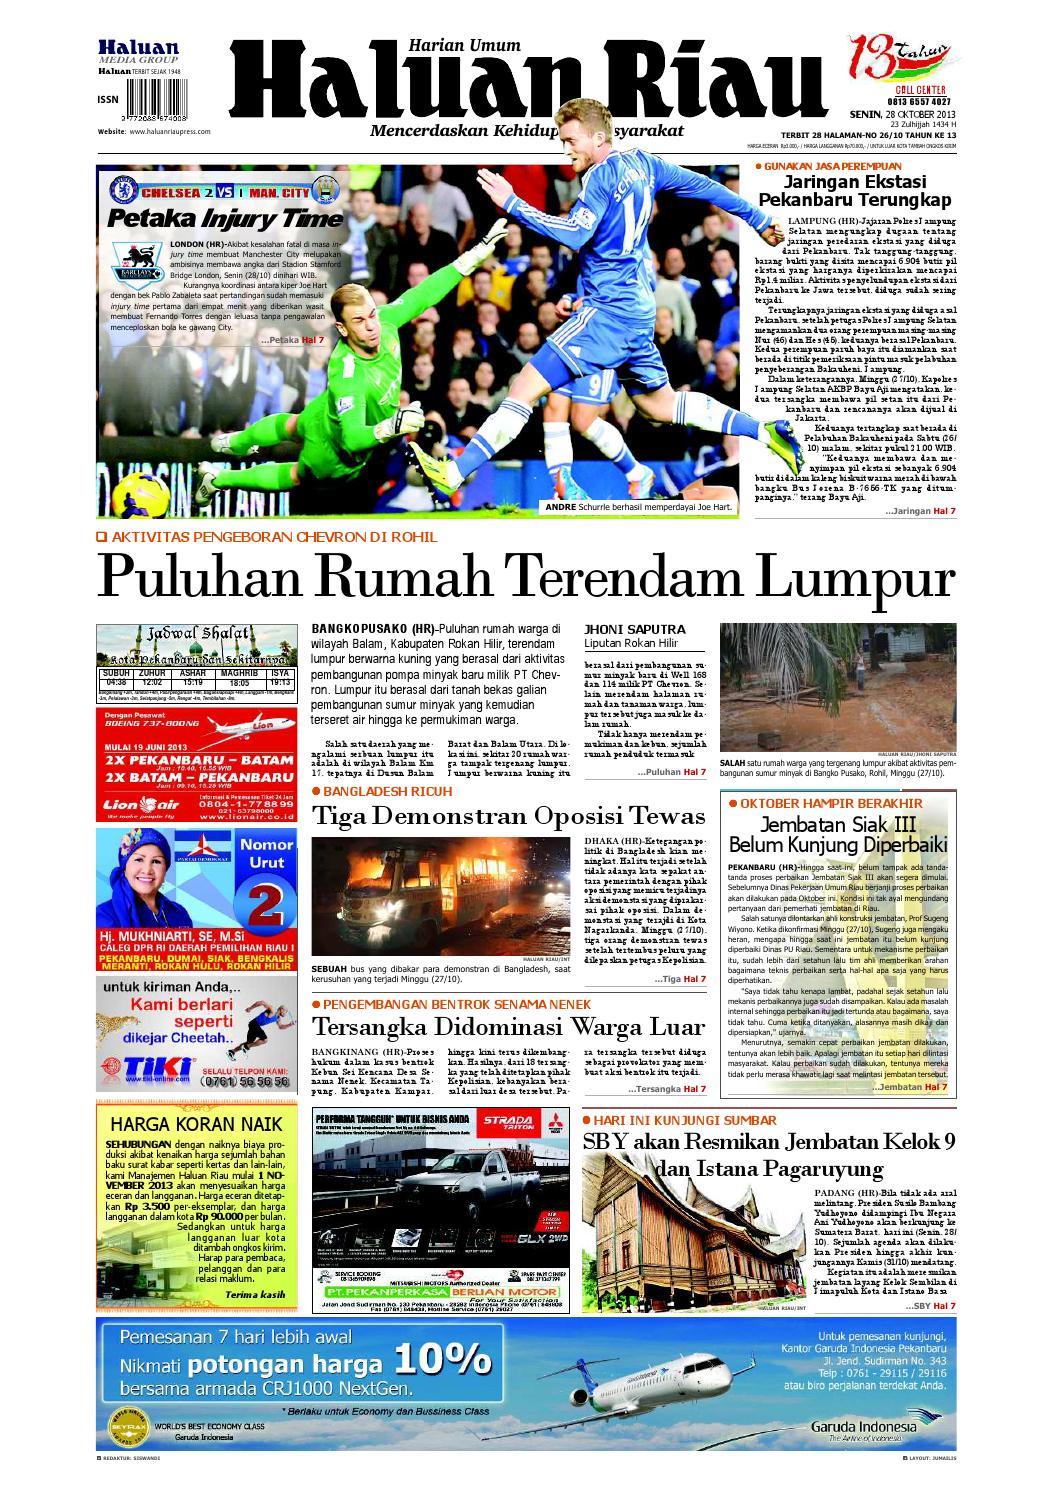 Haluanriau 2013 10 28 By Haluan Riau Issuu